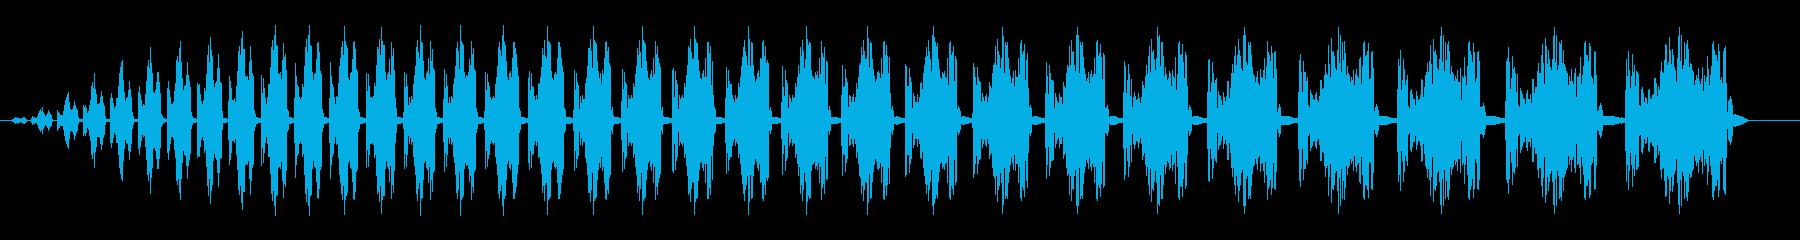 コミカル飛行音(次第に重くなる音)の再生済みの波形